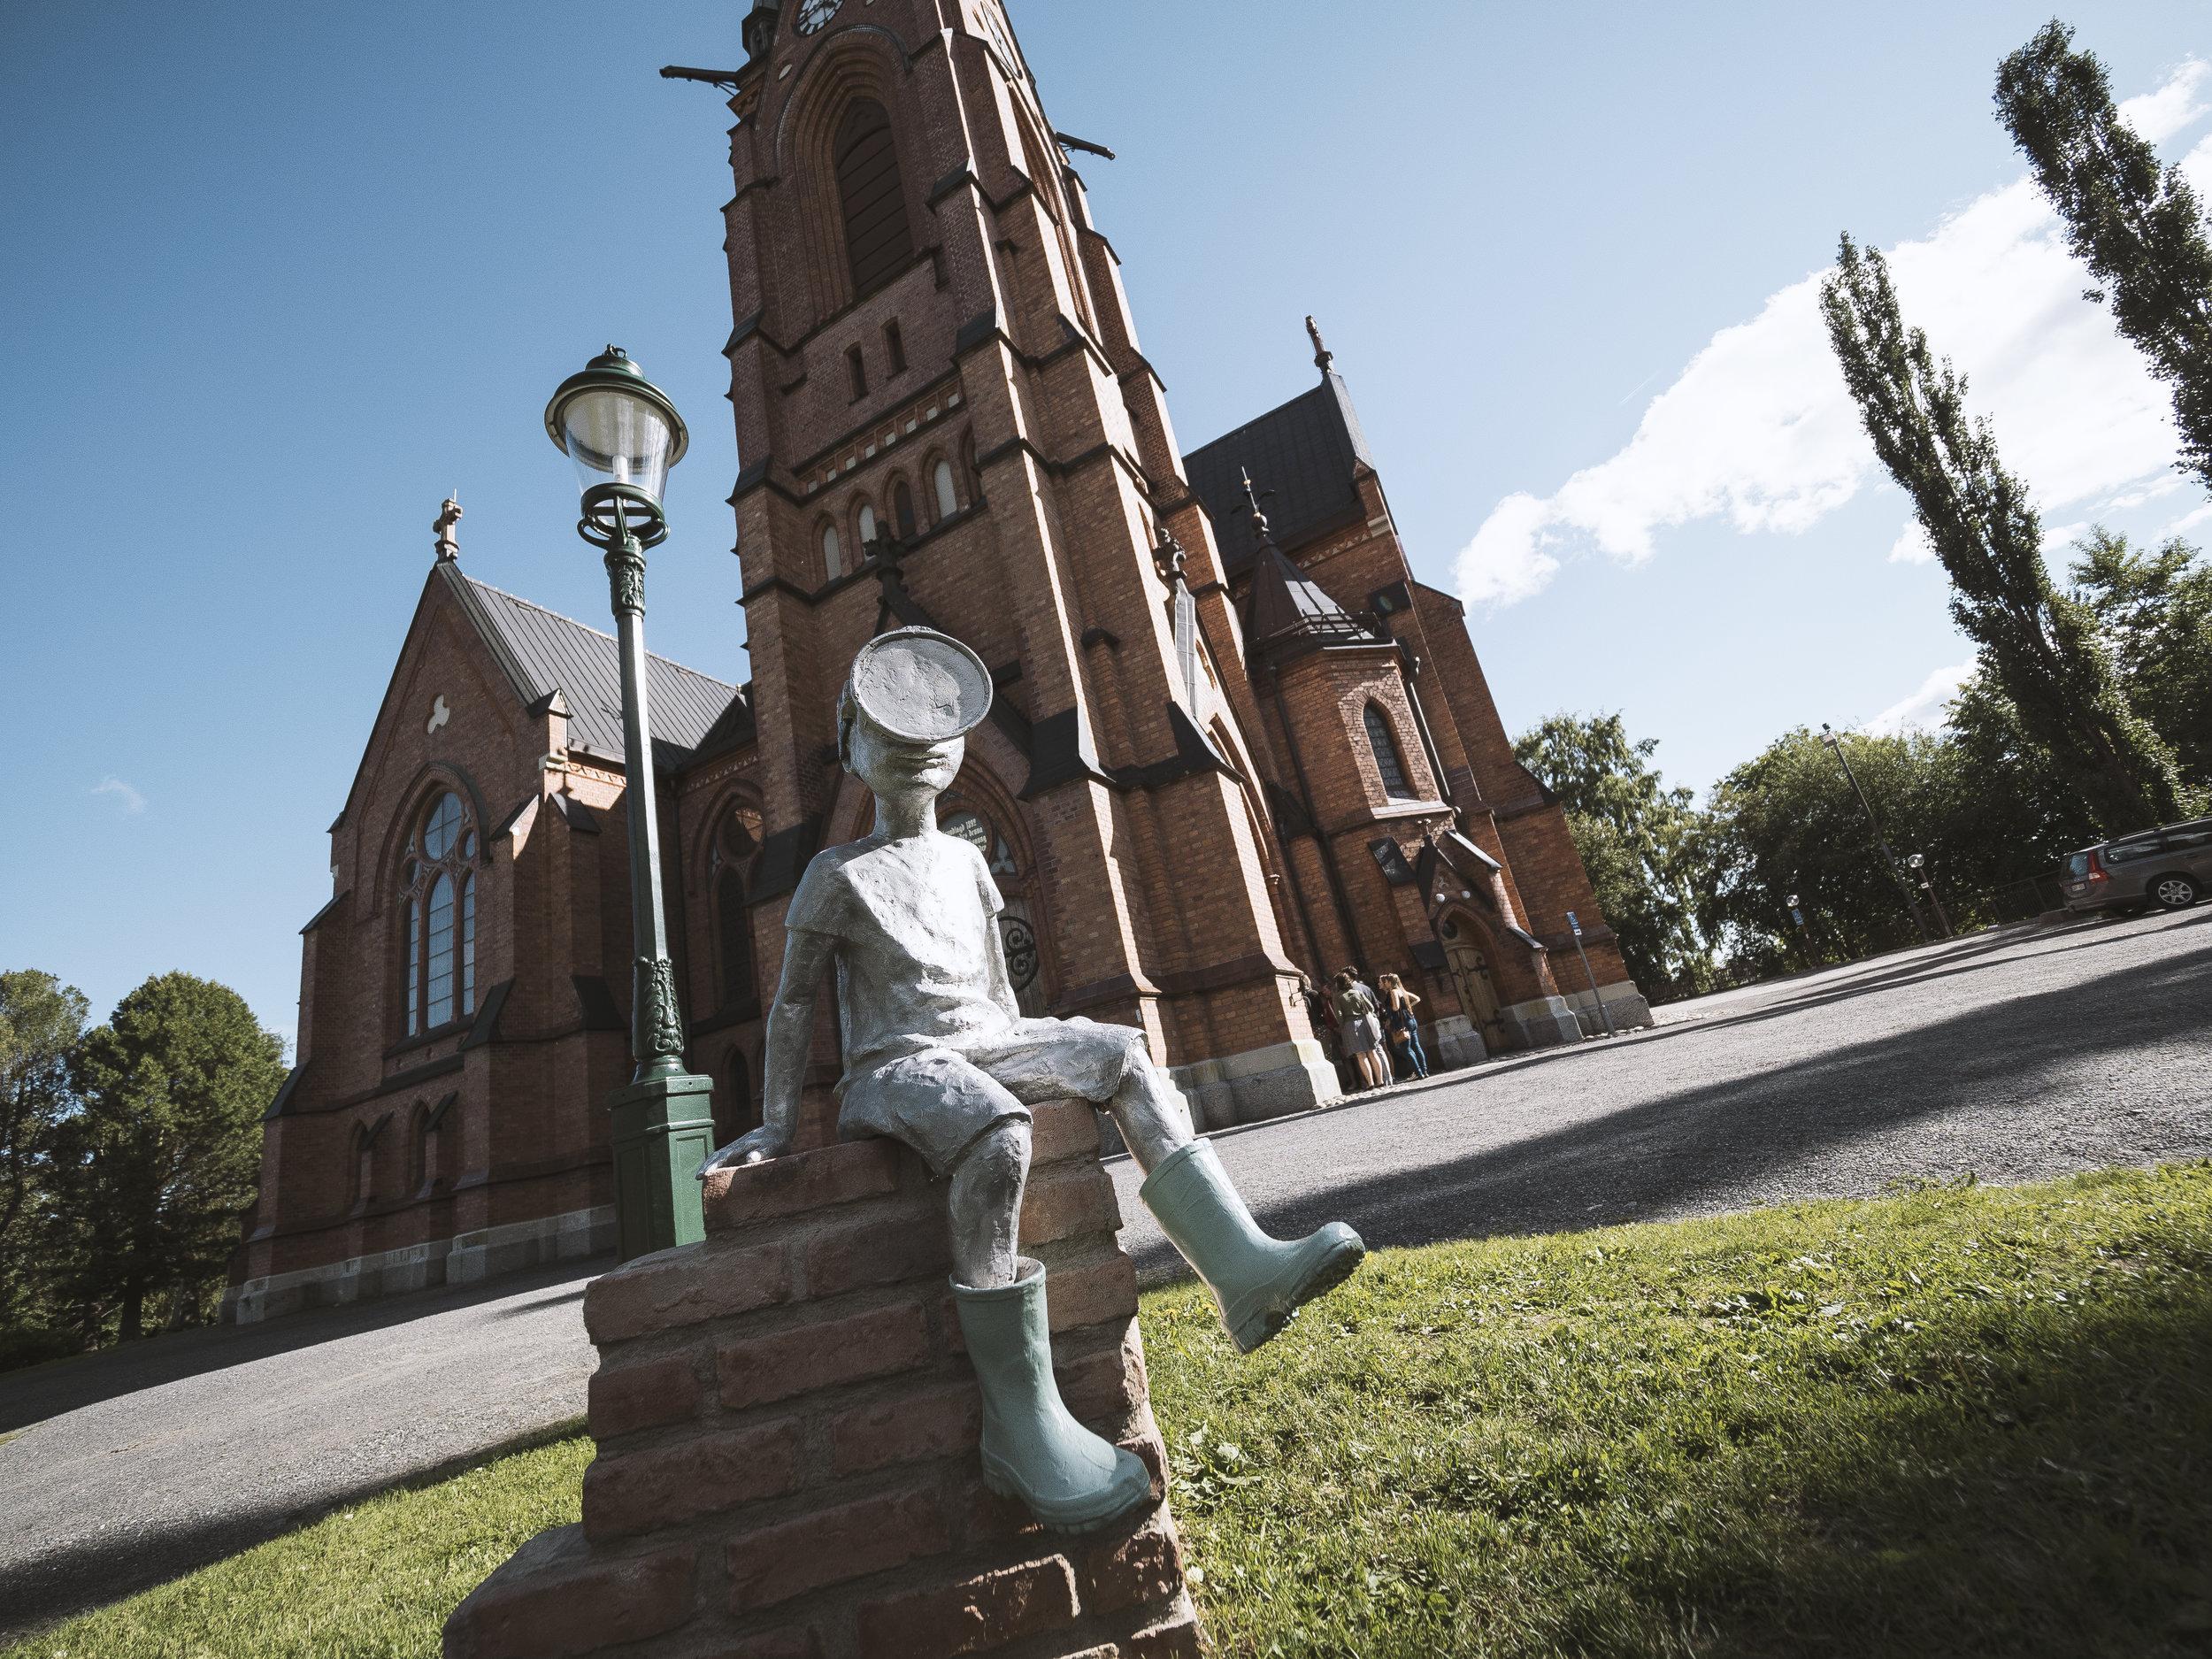 Kleiner Bub vor der Kirche in Umeå